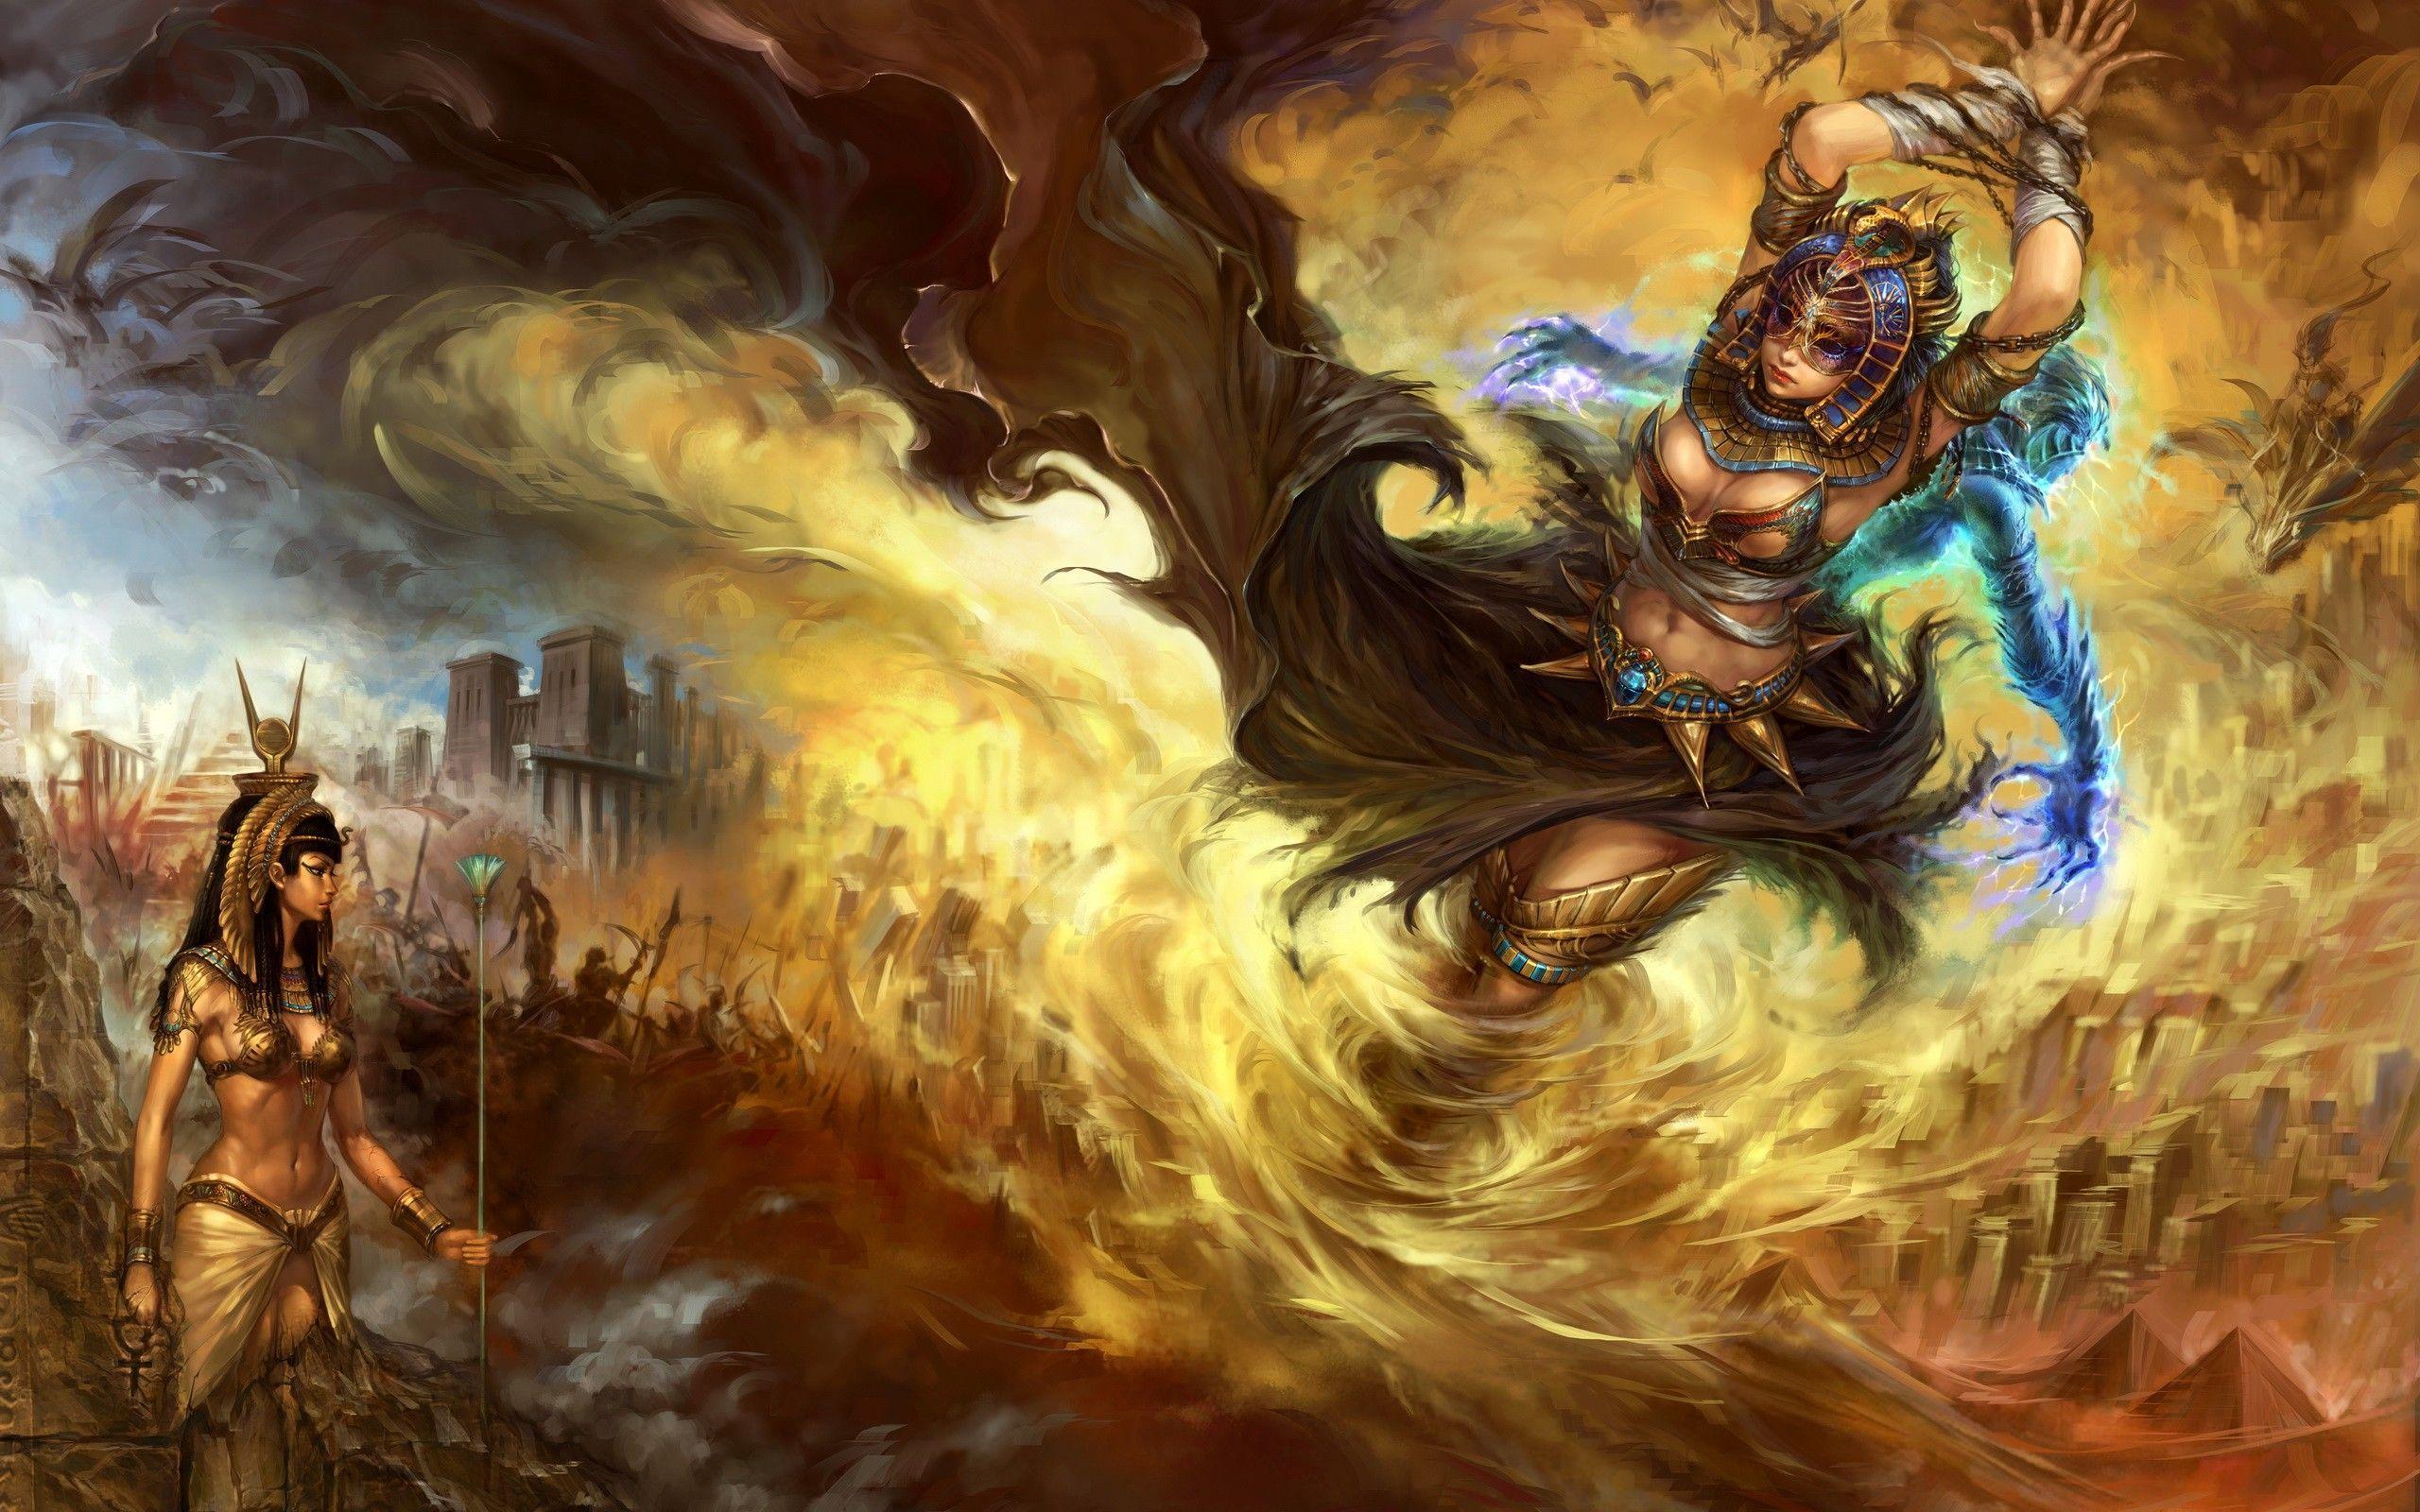 Egyptian Anime Wallpapers Top Free Egyptian Anime